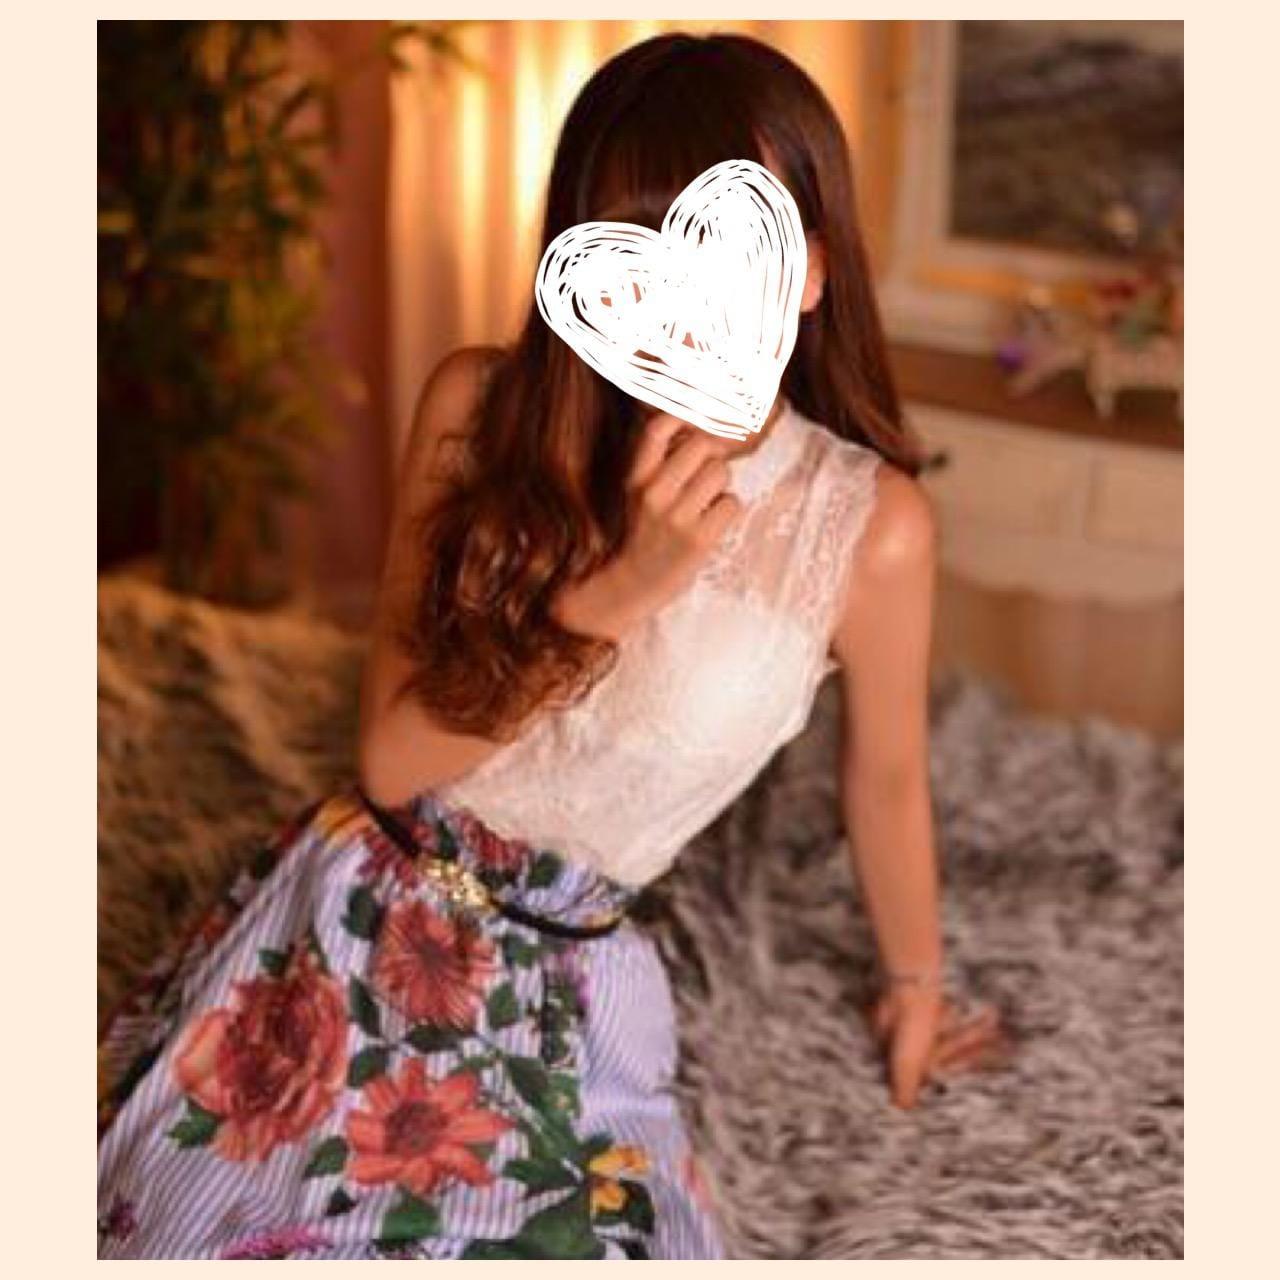 「ミレン♪今向かってます♪」09/10(月) 20:22 | 美恋(ミレン)の写メ・風俗動画